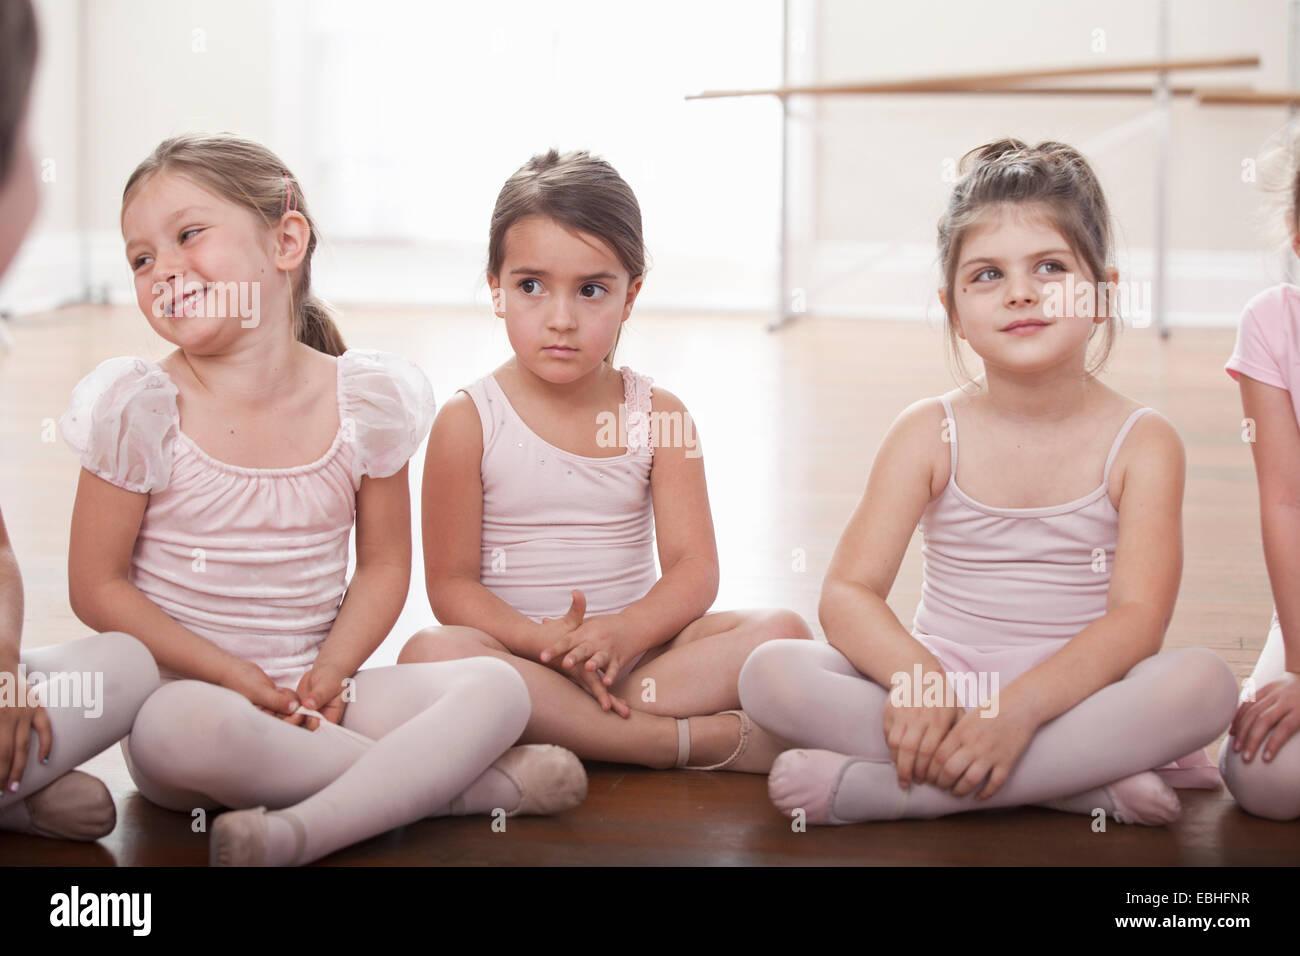 Un gruppo di ragazze seduto sul pavimento nella scuola di danza Immagini Stock